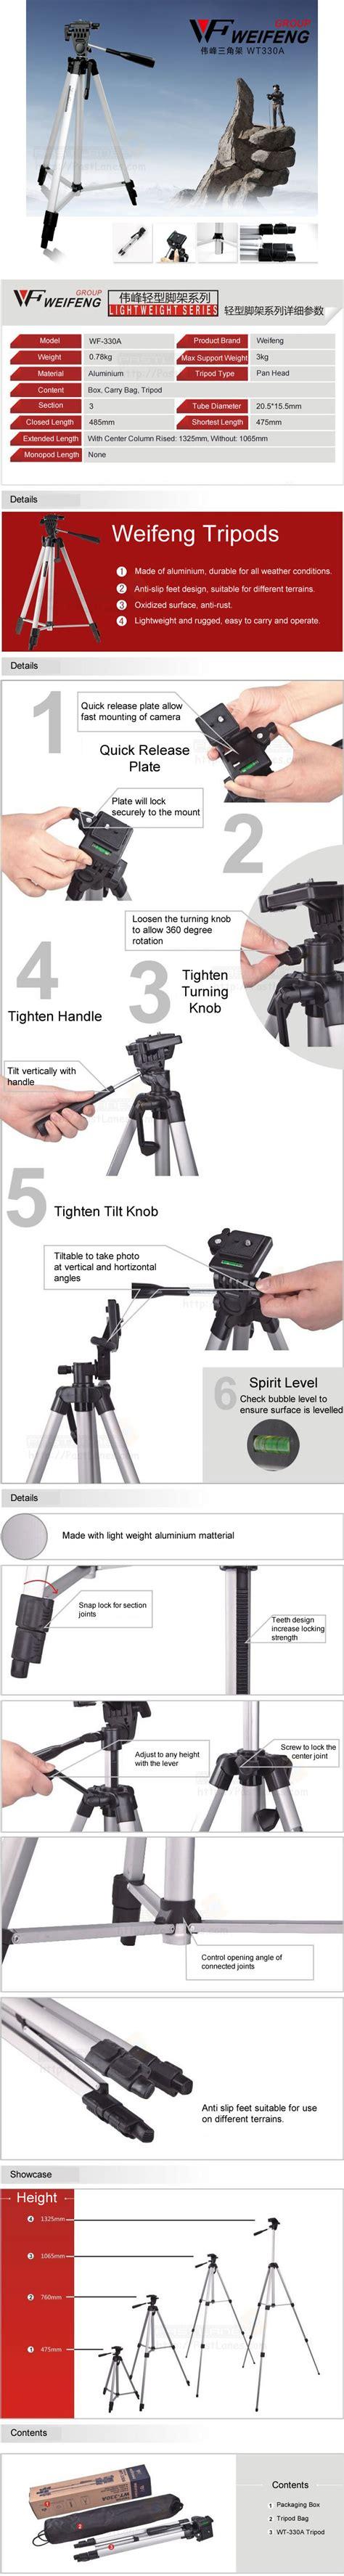 Tripod Weifeng Wt 330a Black weifeng wt 330a lightweight tripod free phone holder